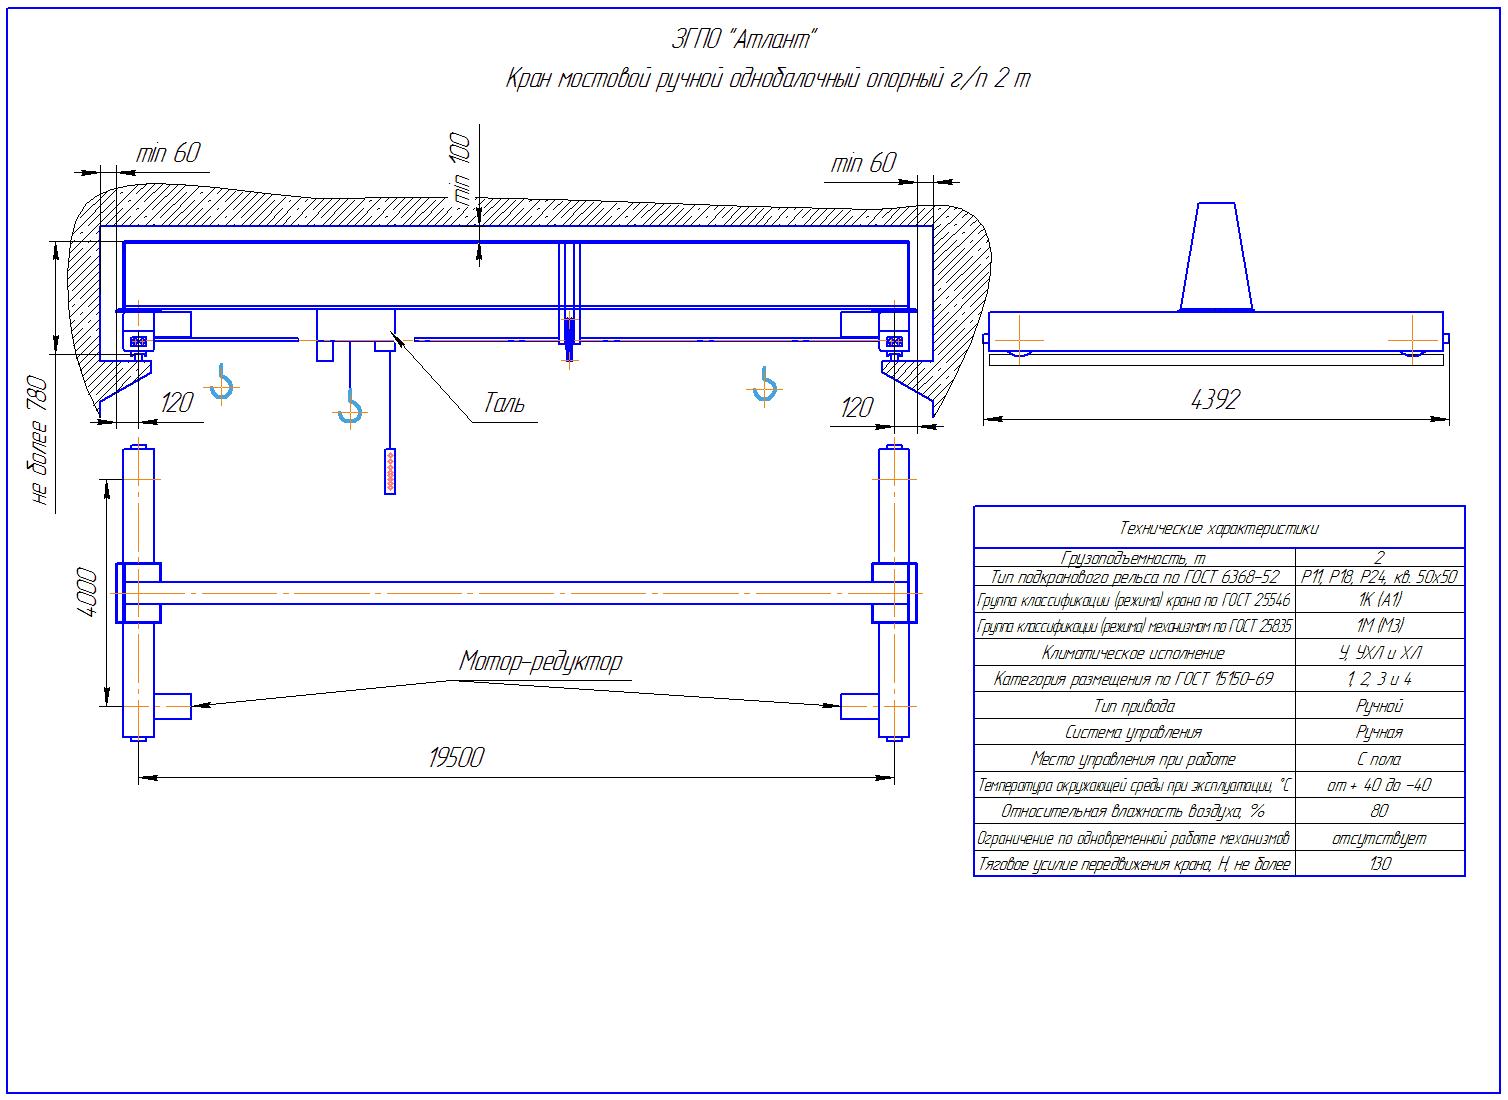 KRMOO 2 195 - Кран ручной мостовой опорный однобалочный